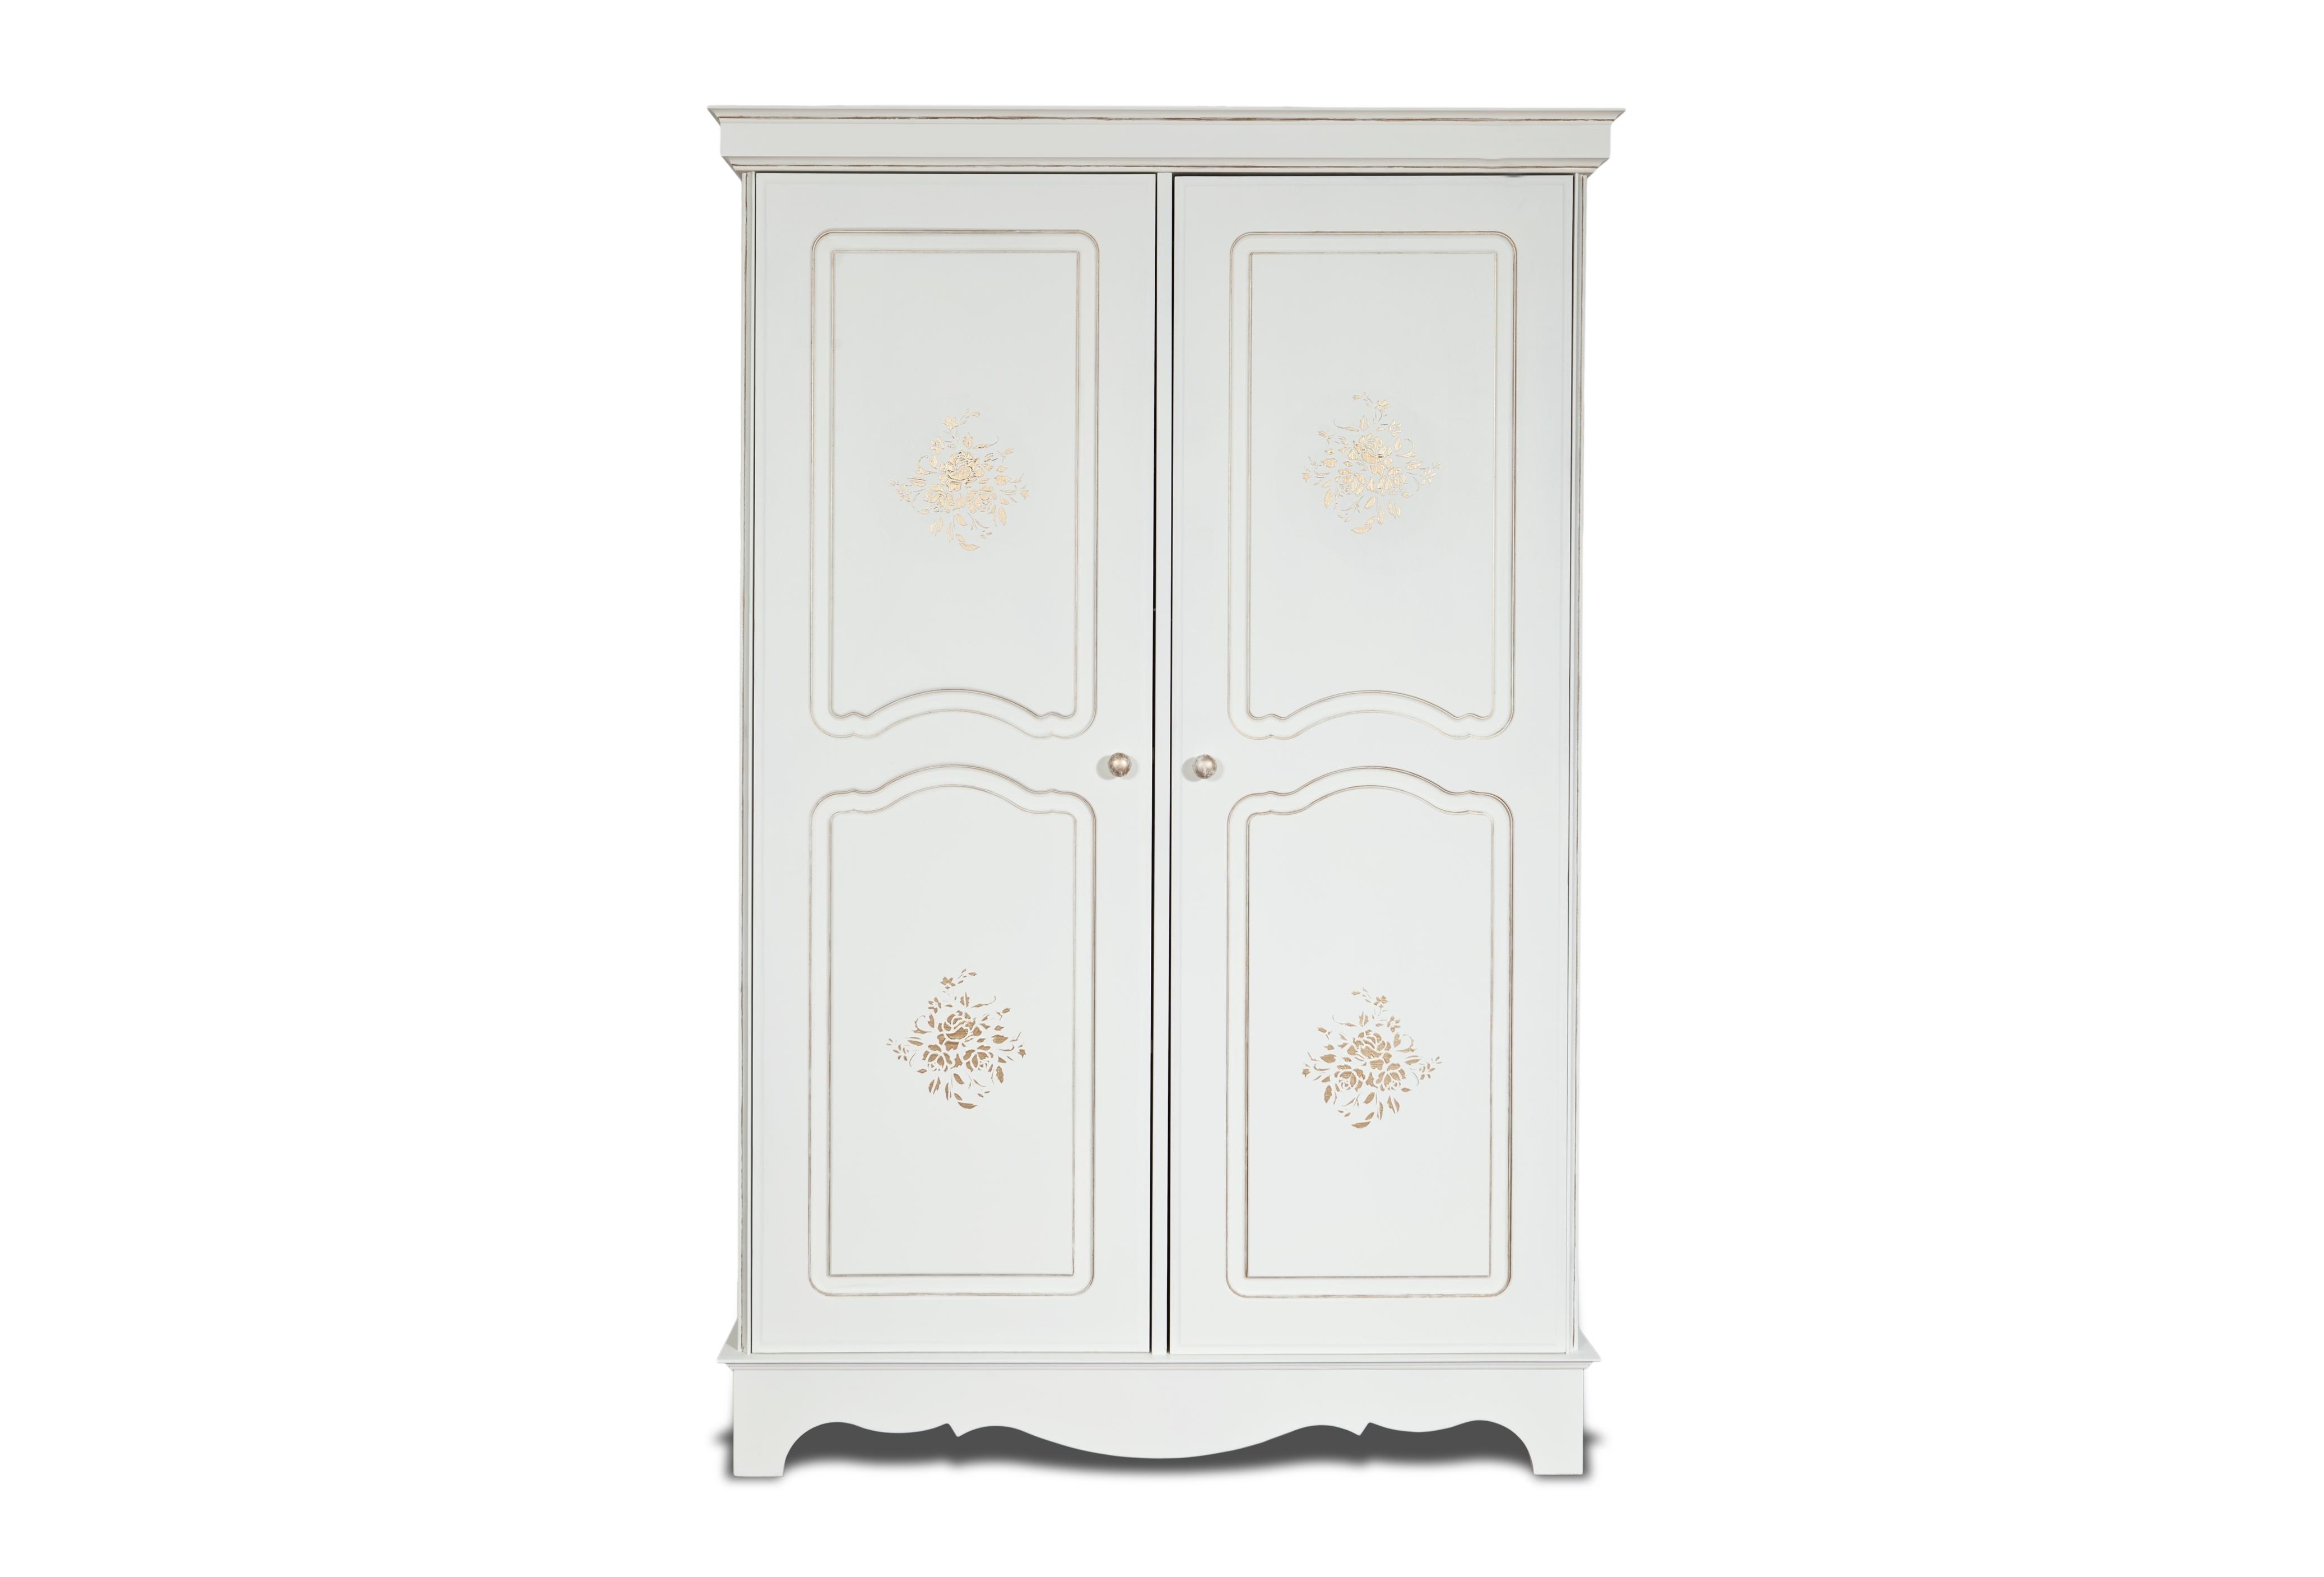 Шкаф Belle Fleur PatineПлатяные шкафы<br>Отделка: Belle Fleur Patine - золотая патина.&amp;amp;nbsp;<br><br>Material: Береза<br>Width см: 128<br>Depth см: 59,5<br>Height см: 201